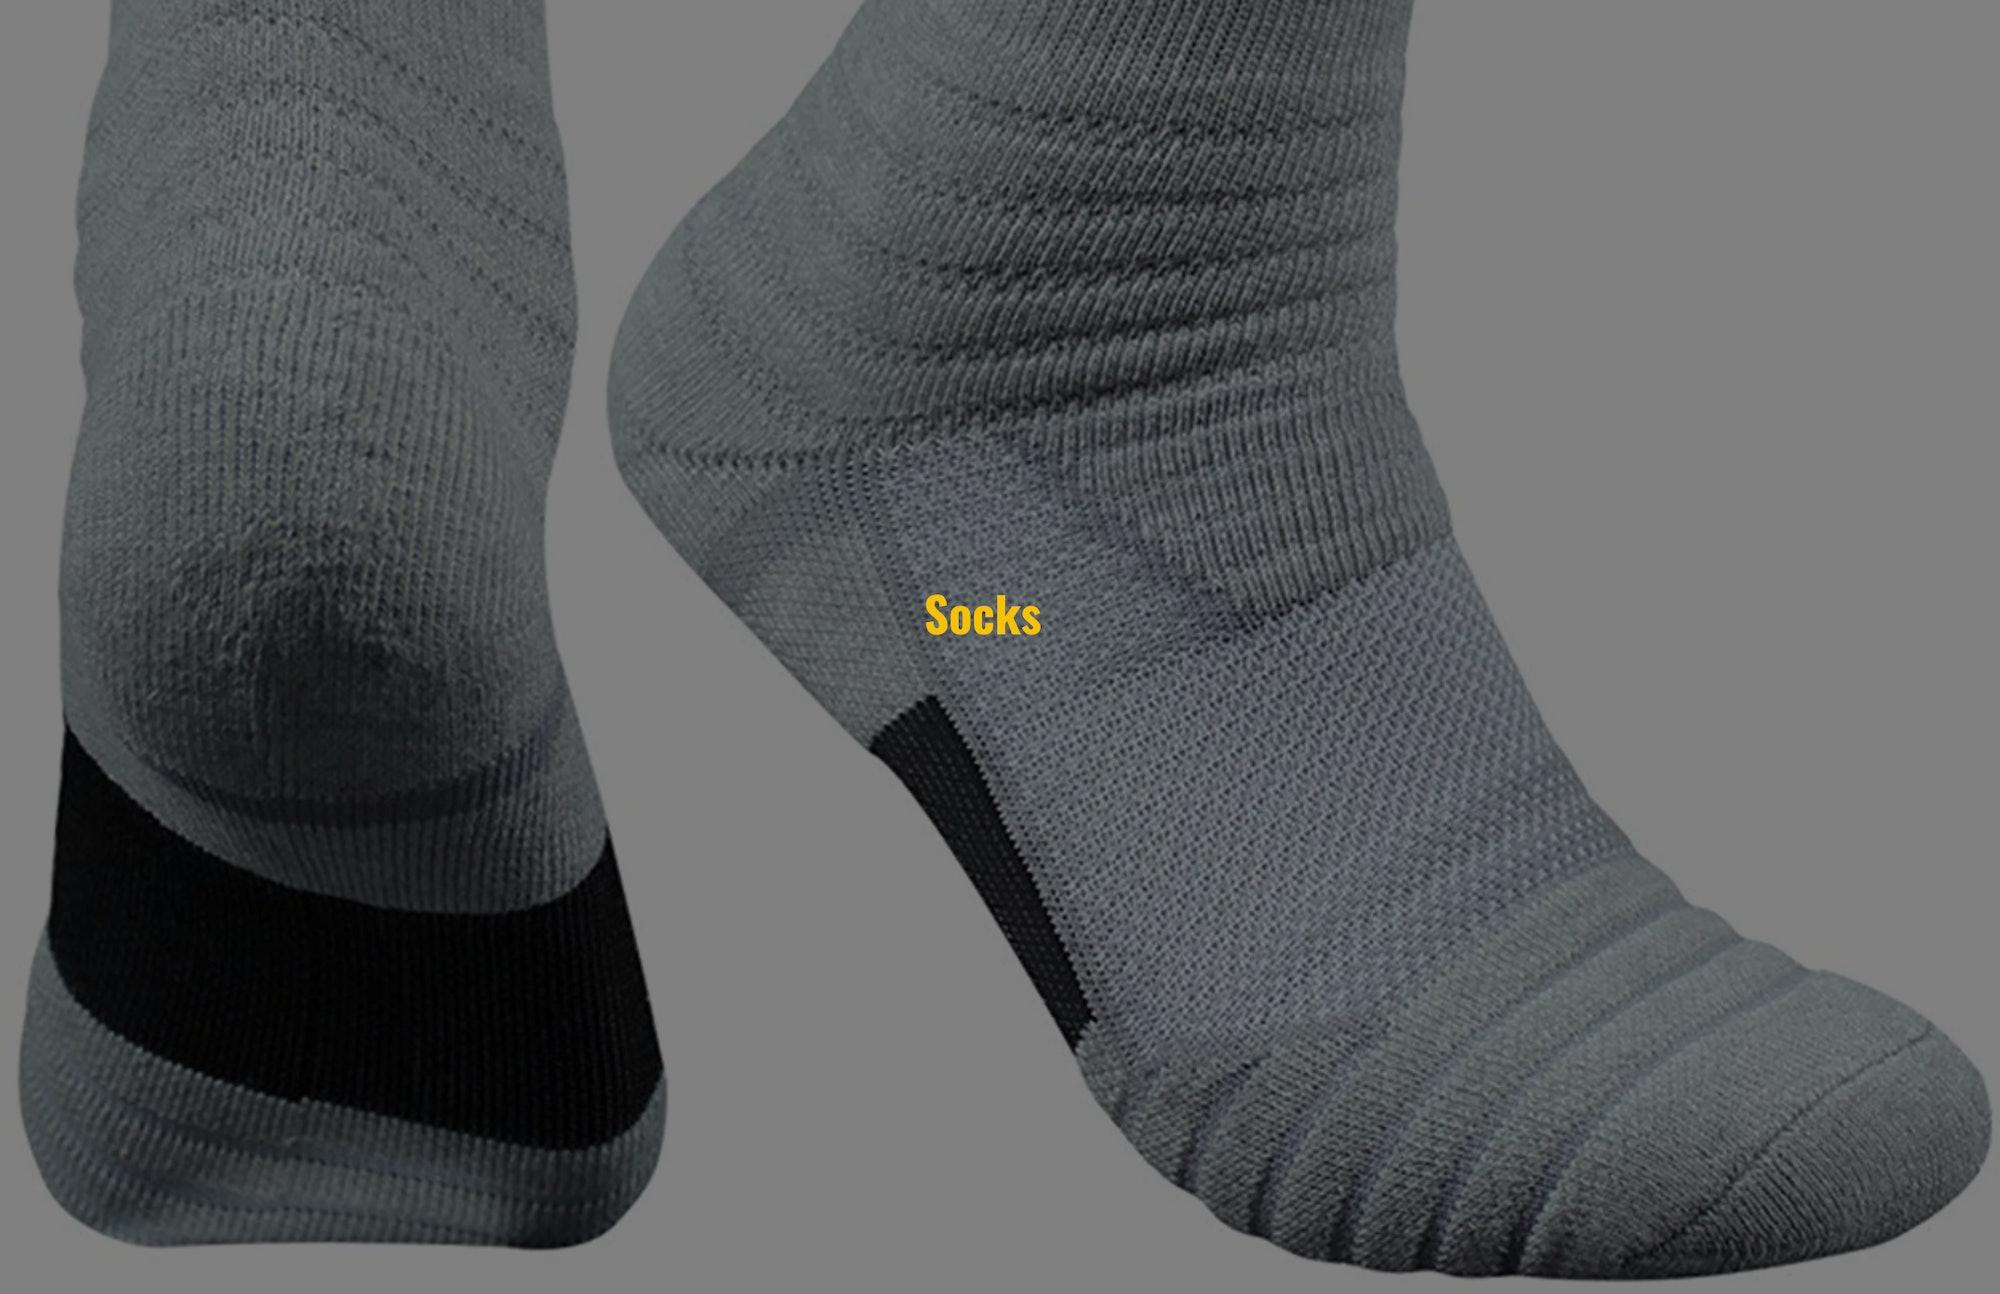 socks slide